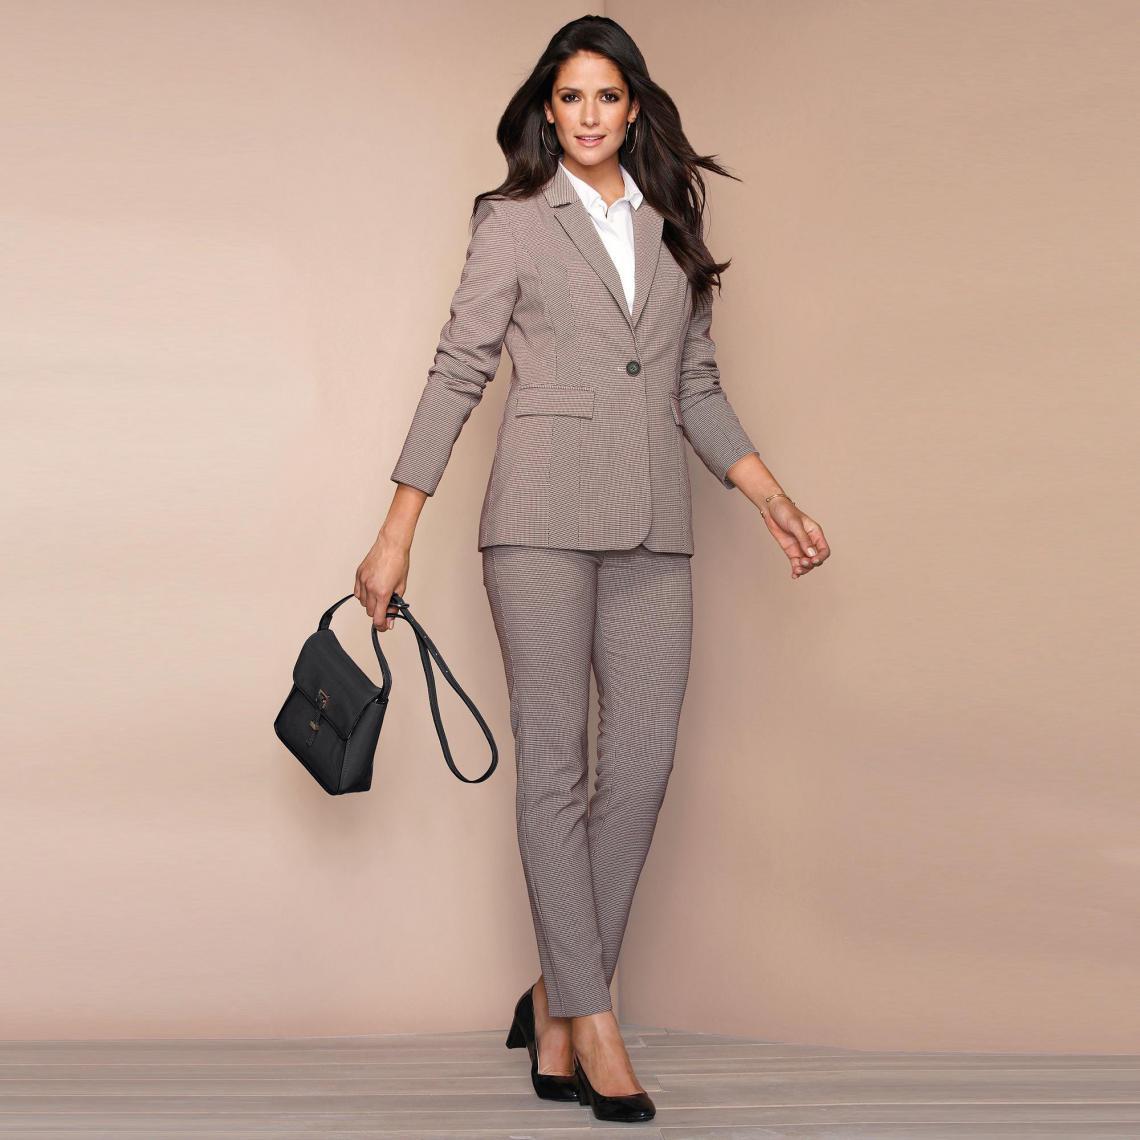 Pantalon imprimé taille élastique dos - Rouge - 3 SUISSES - Modalova